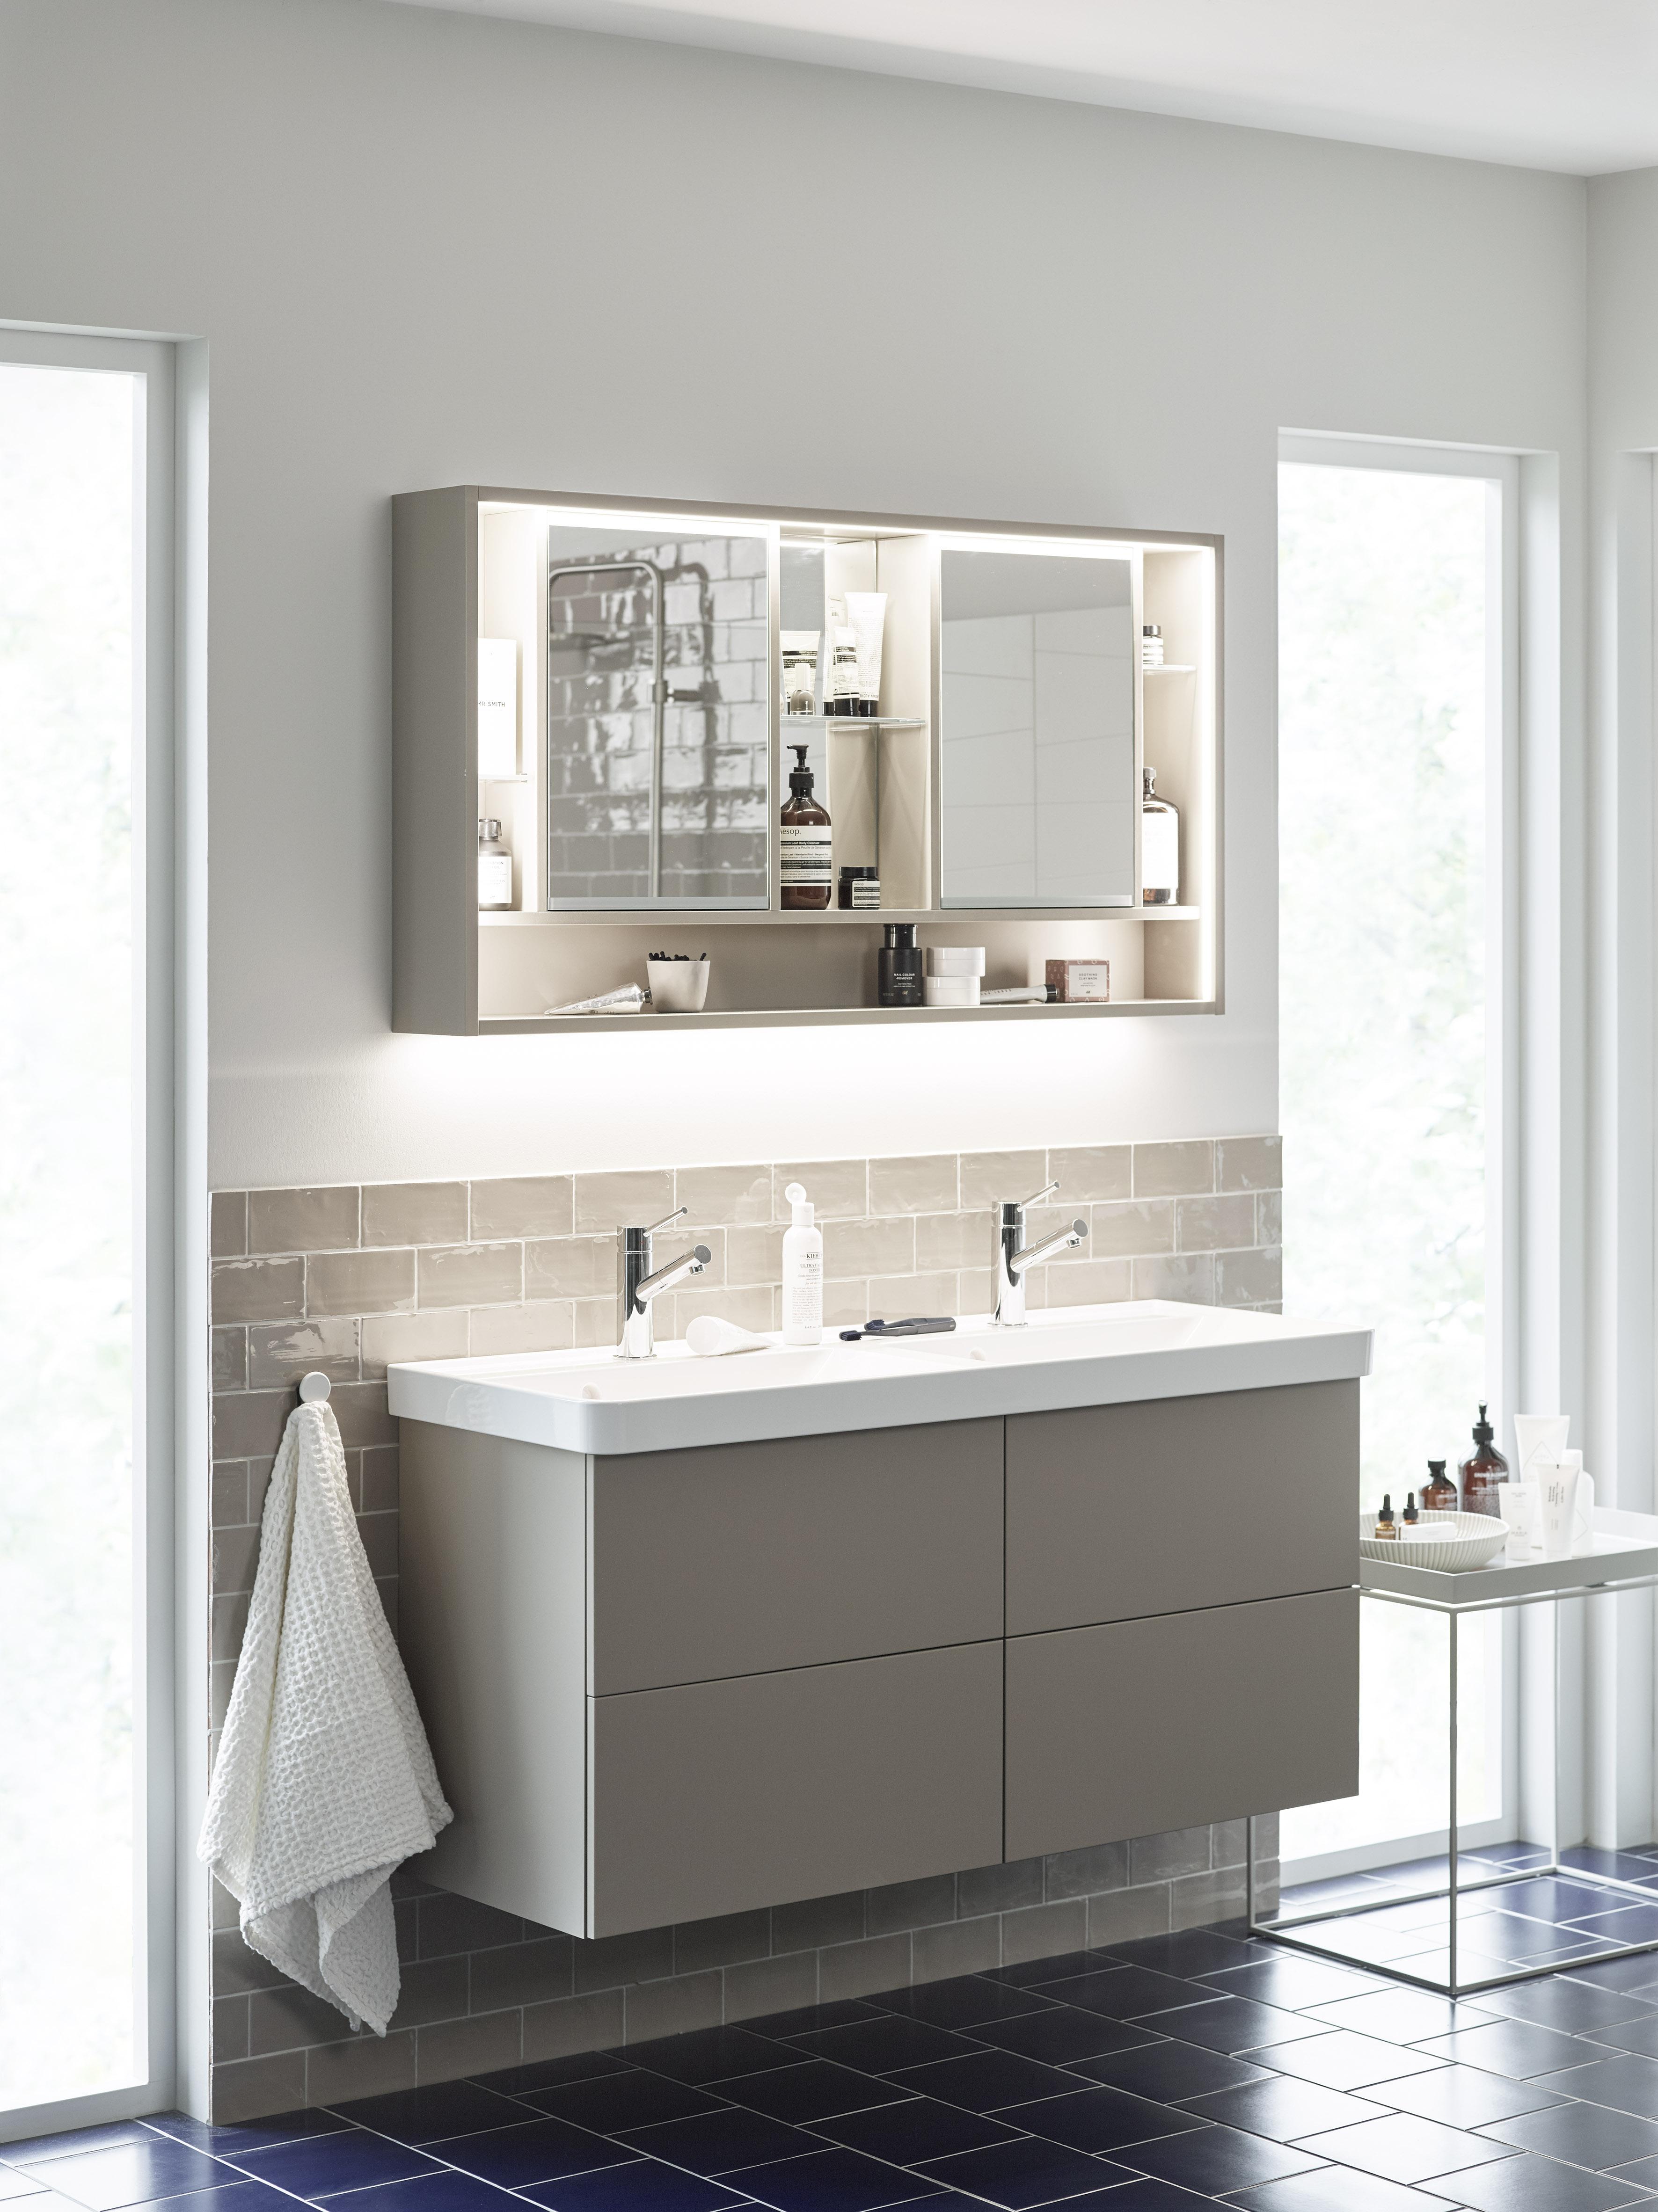 Badbilder   nytt kök badrum och tvättstuga   vedum kök och bad ab